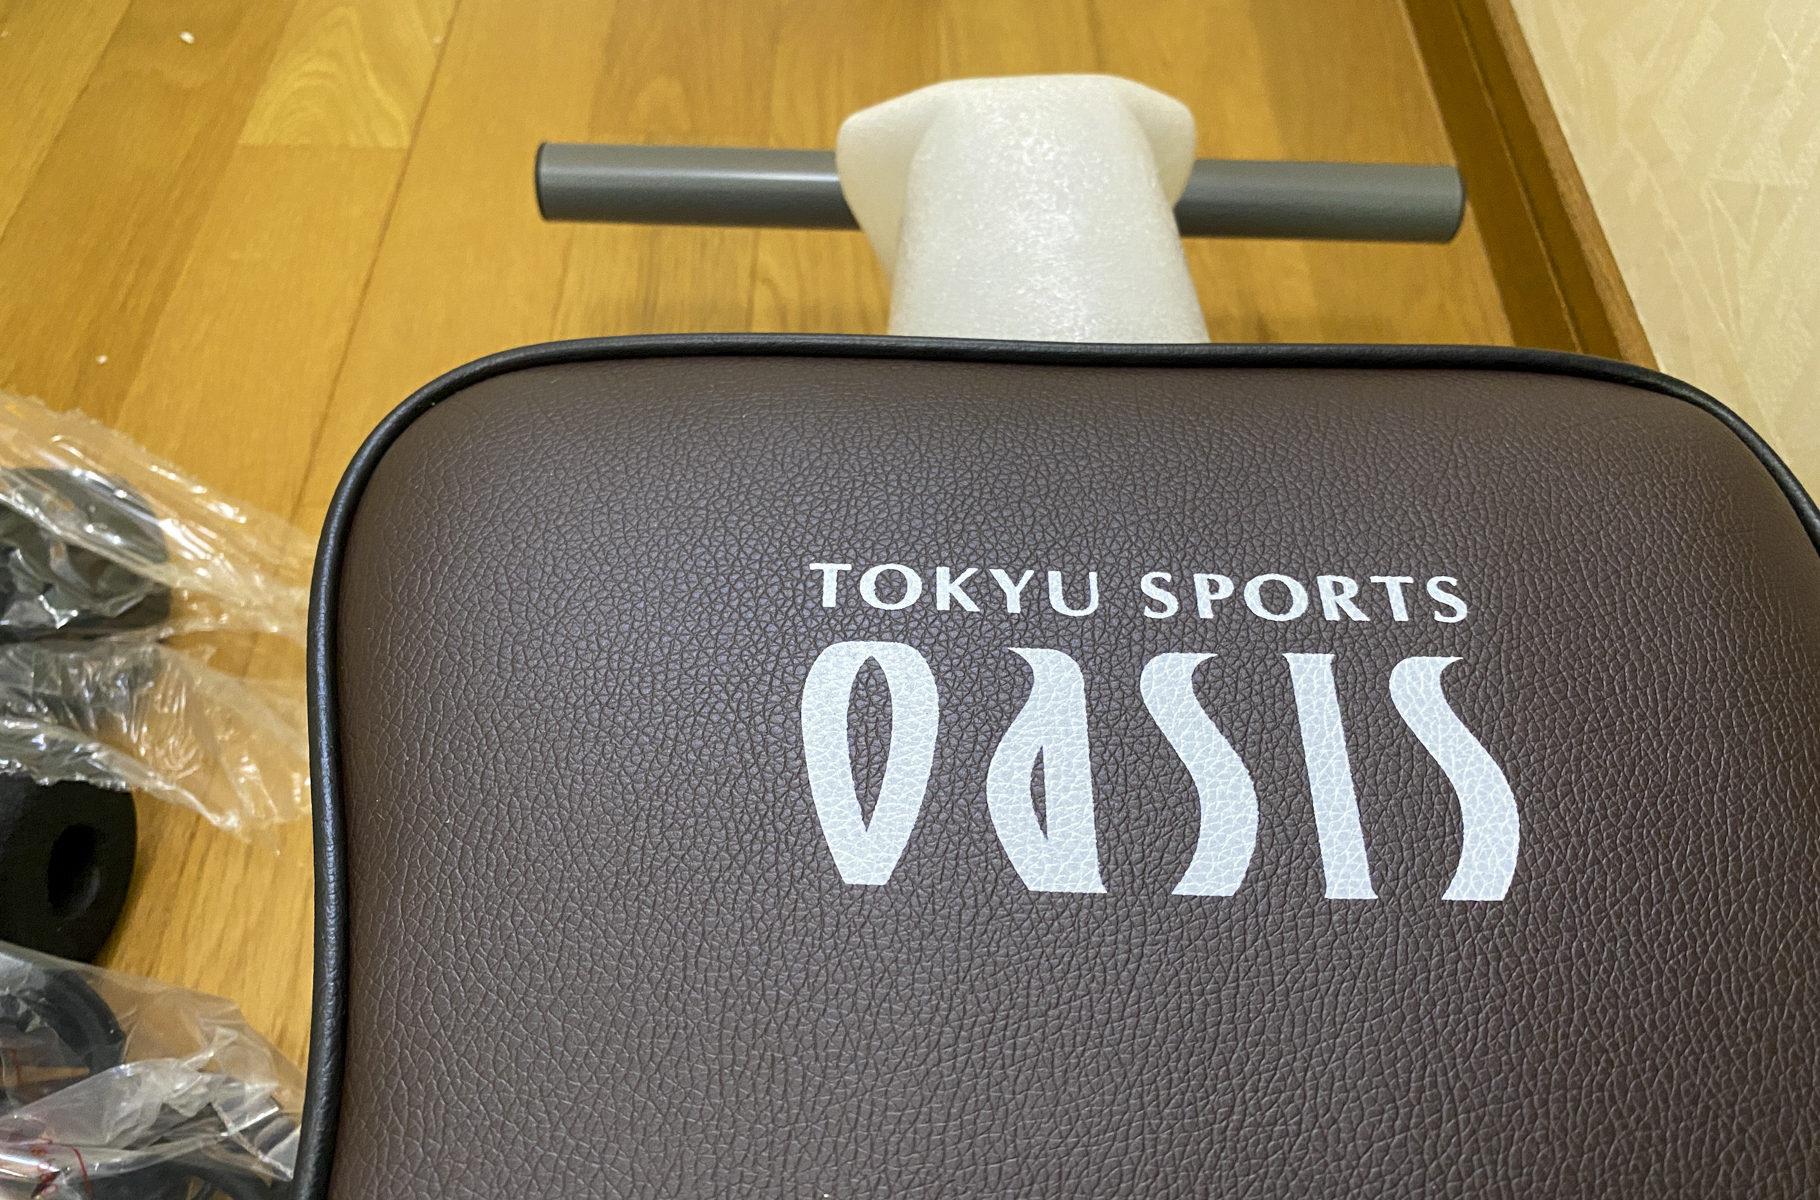 東急スポーツオアシス シェイプアップ ベンチ 筋力トレーニング SU-100